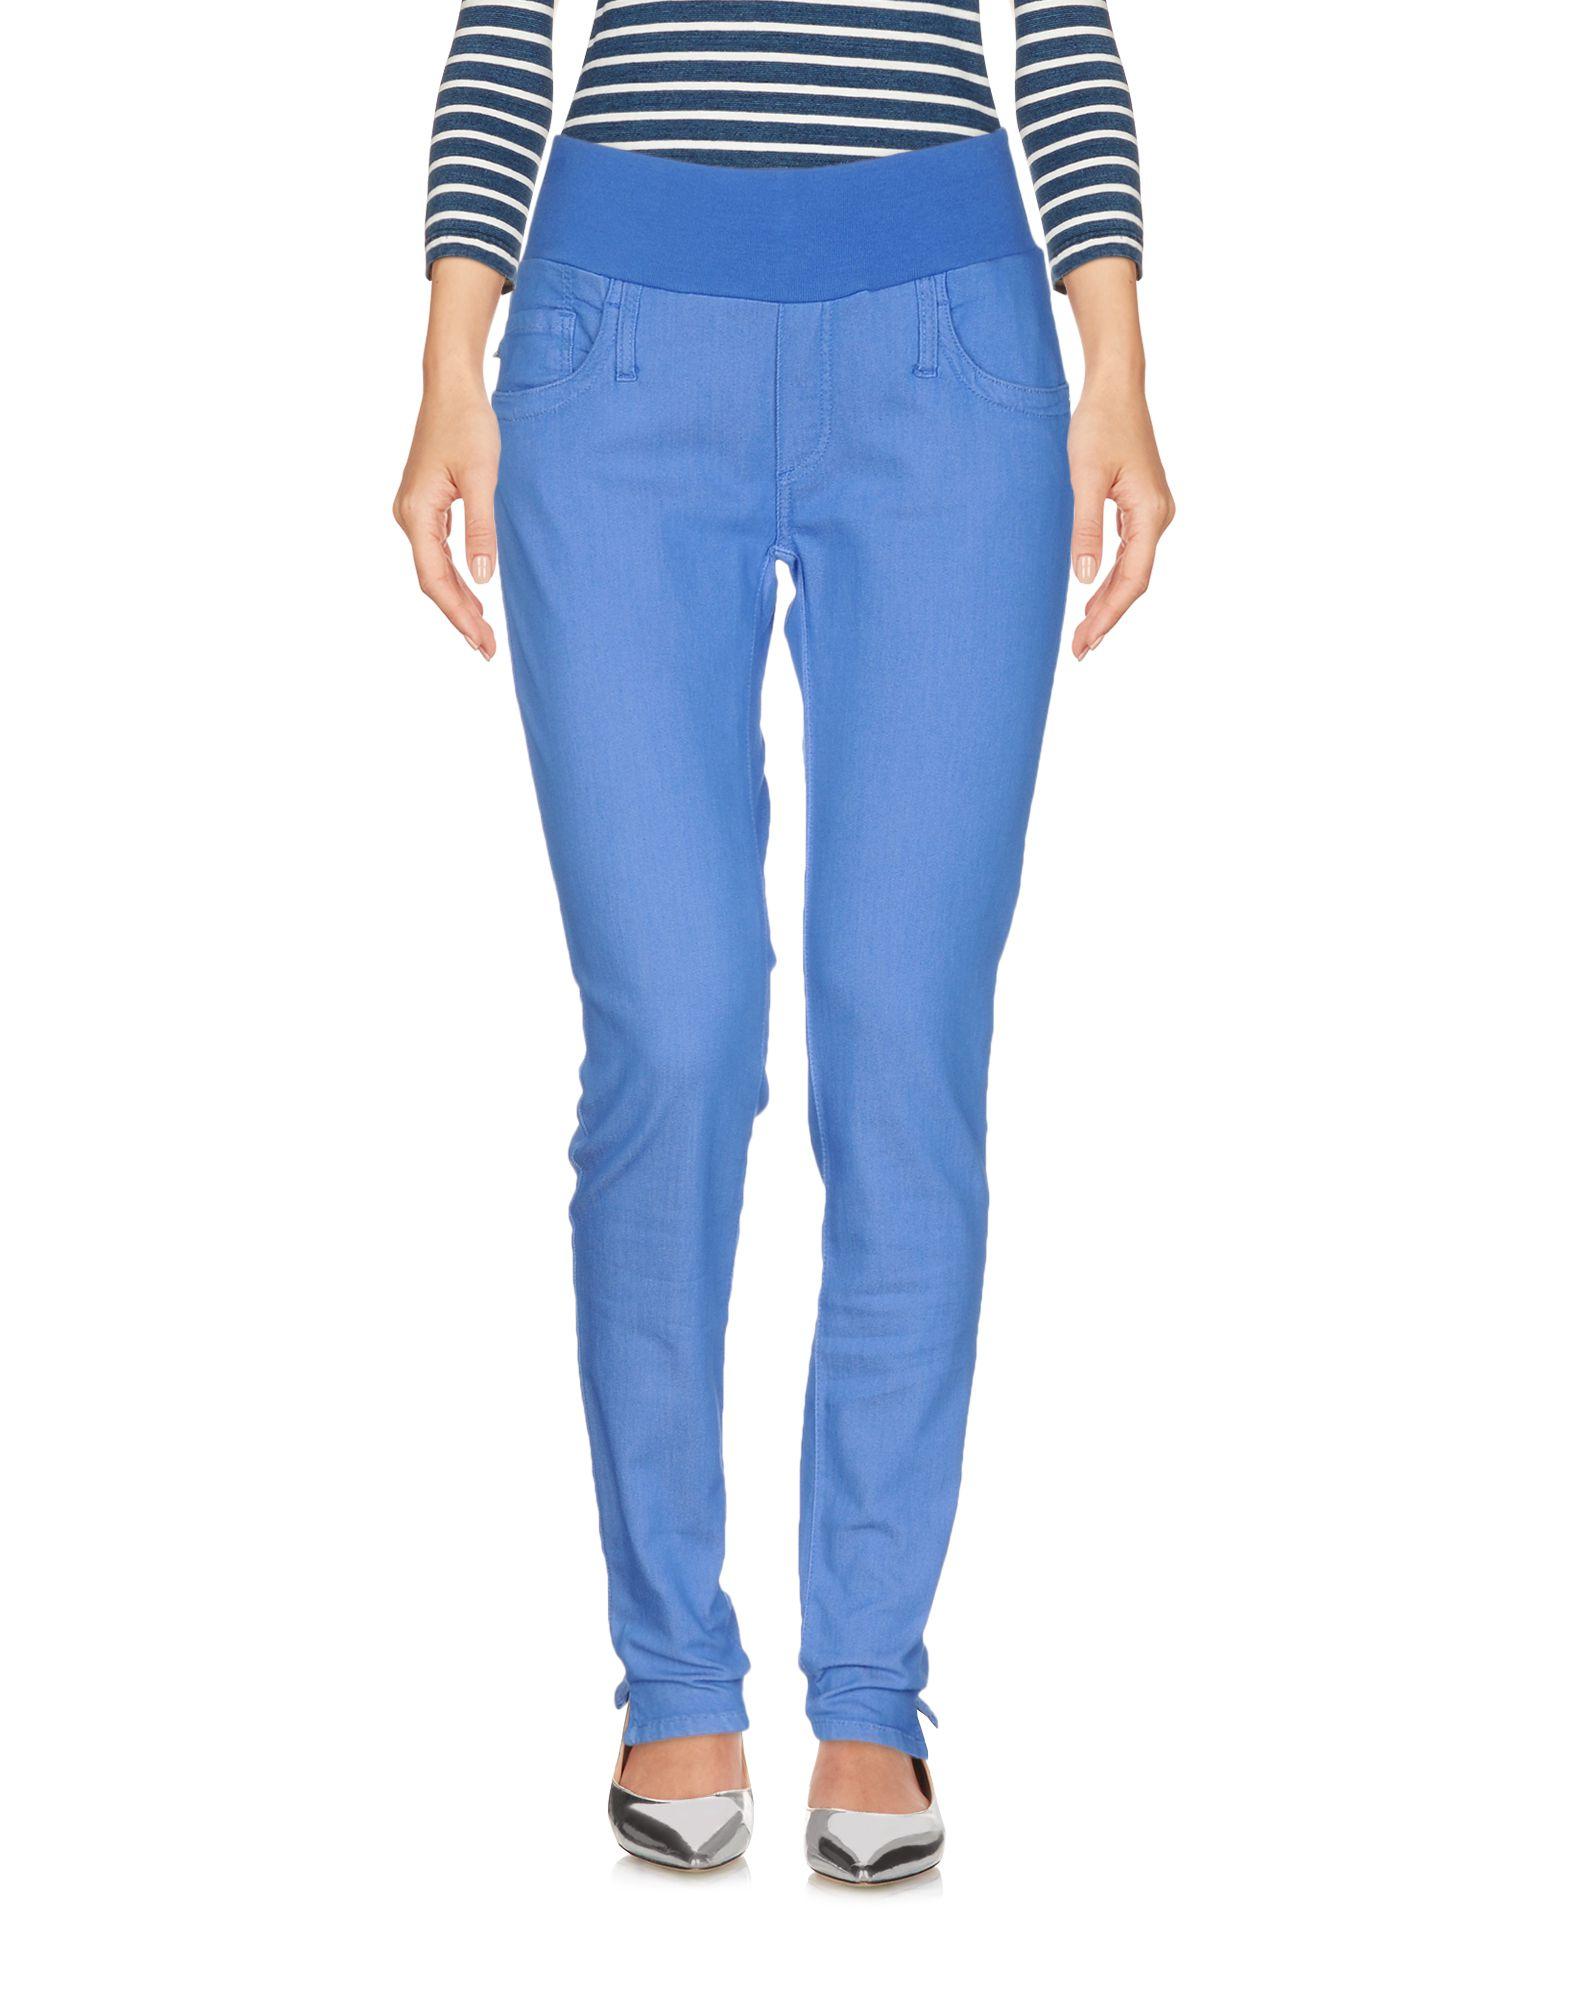 PIETRO BRUNELLI Джинсовые брюки carver pioneer camp джинсовые брюки мужские обычные джинсовые брюки темно синий 33 611 021